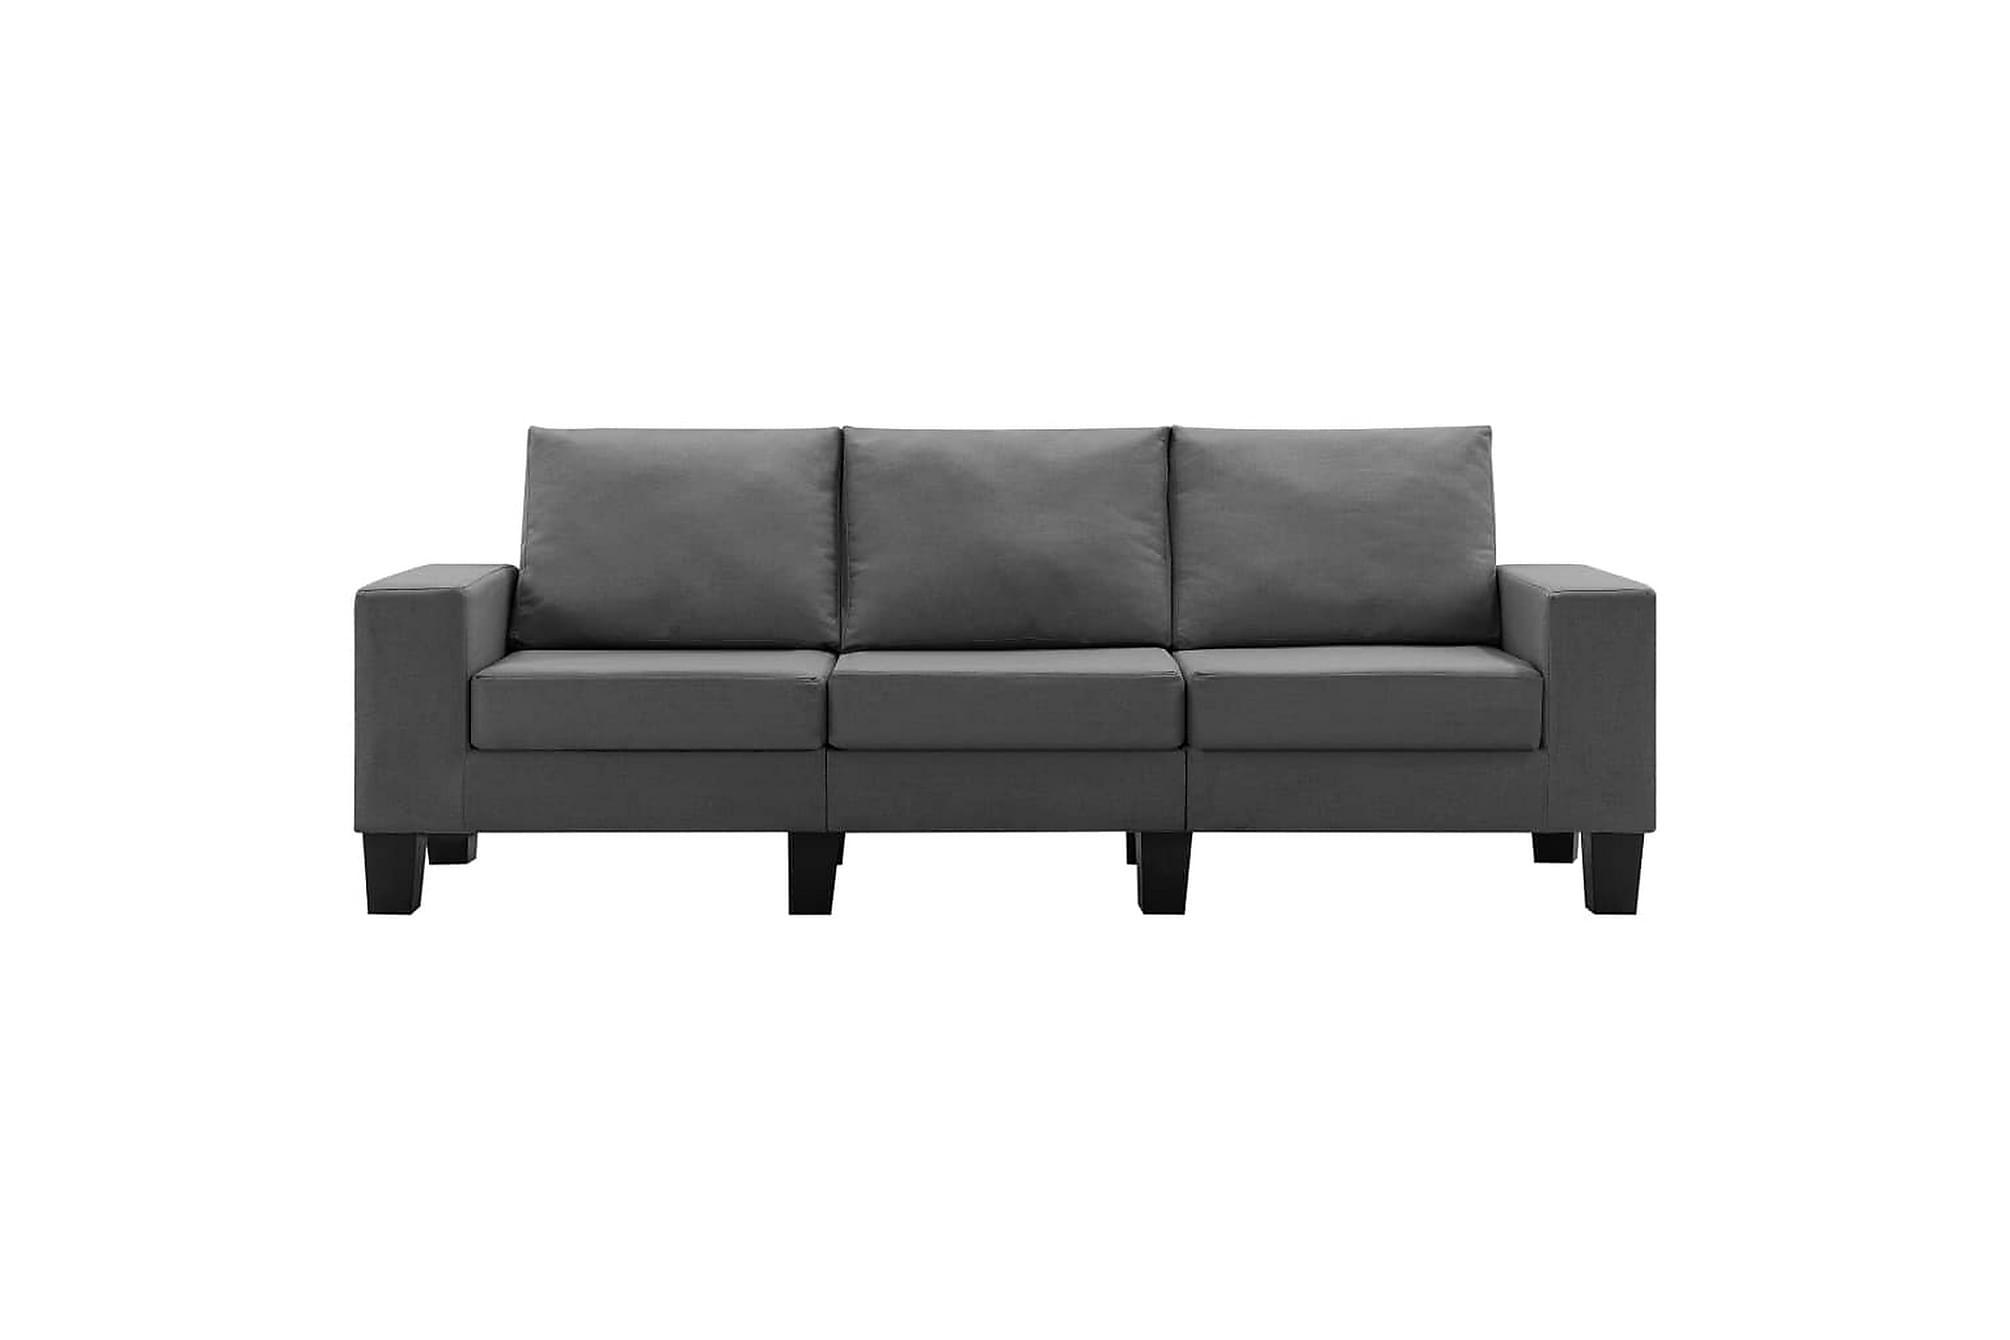 3-sitssoffa mörkgrå tyg, Soffor